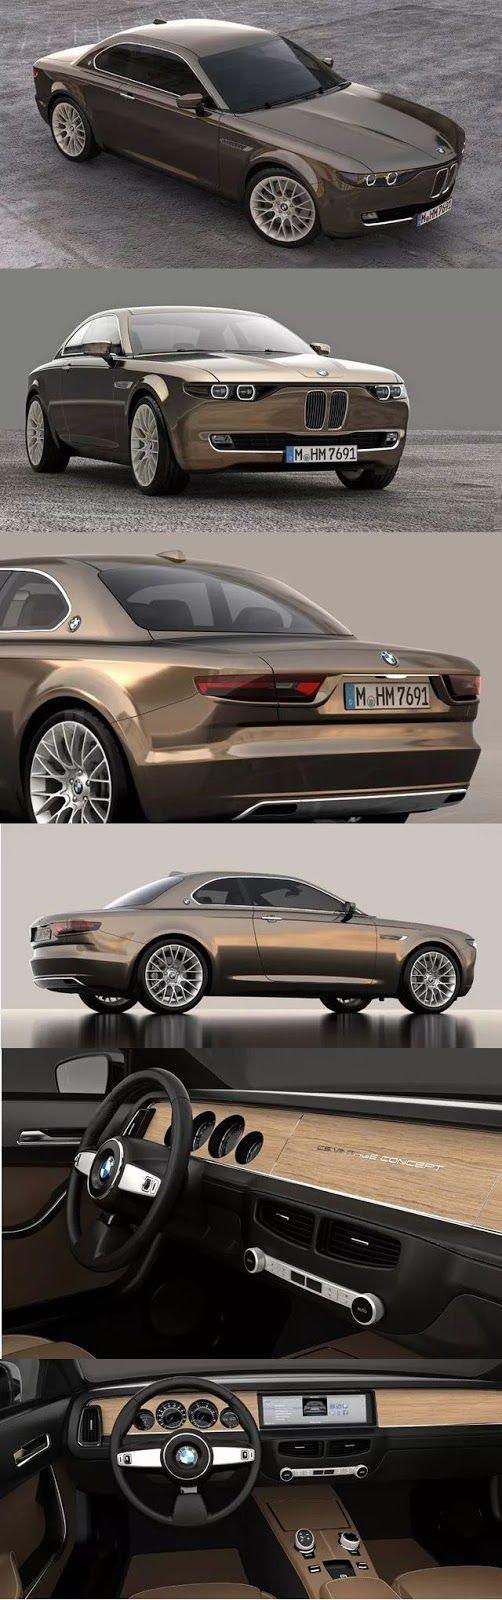 Und was halten Sie von diesem BMW? www.amazon.co.uk / …